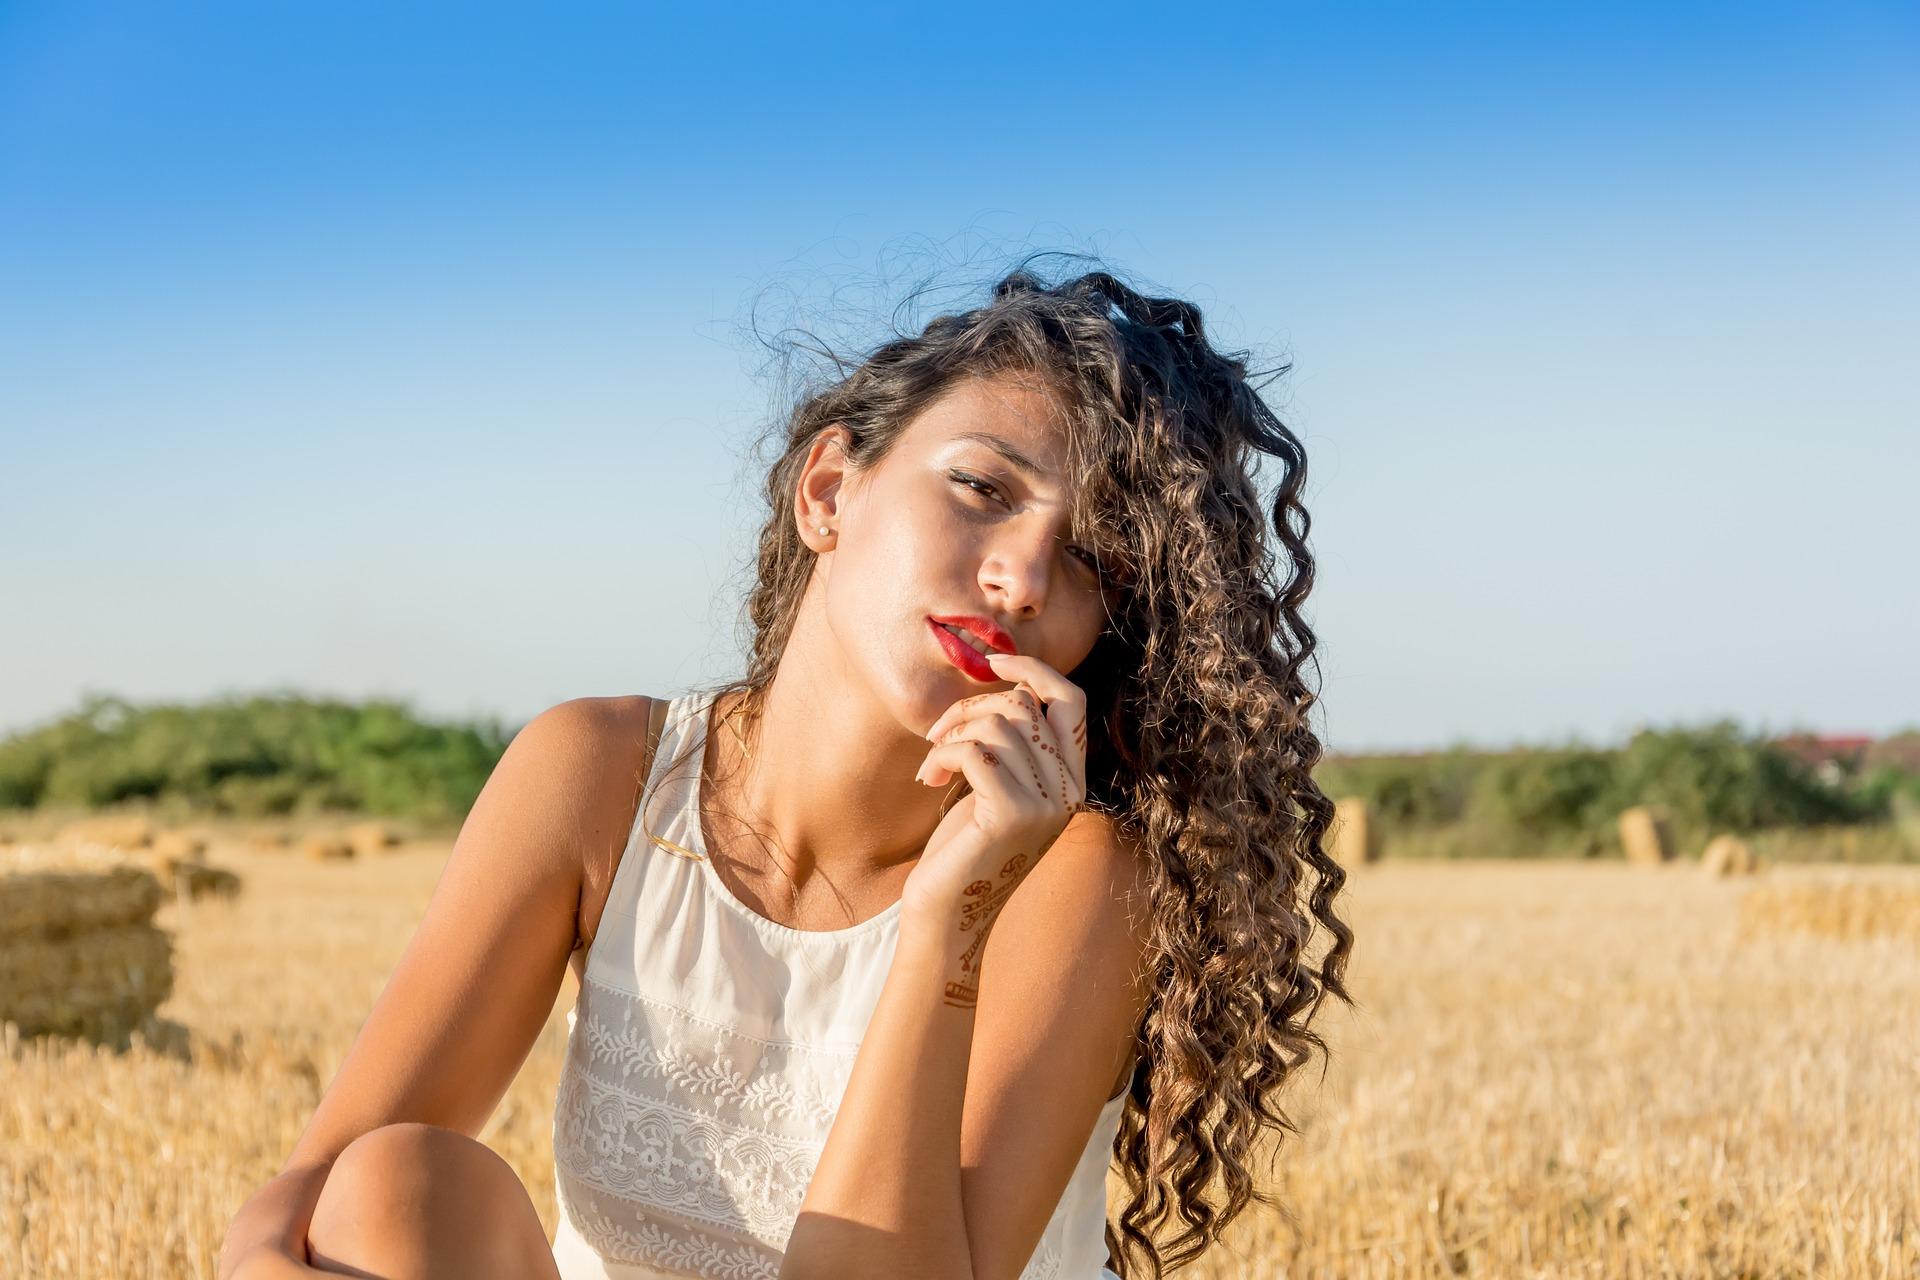 人を魅了するために心がけるべき5つのこと。